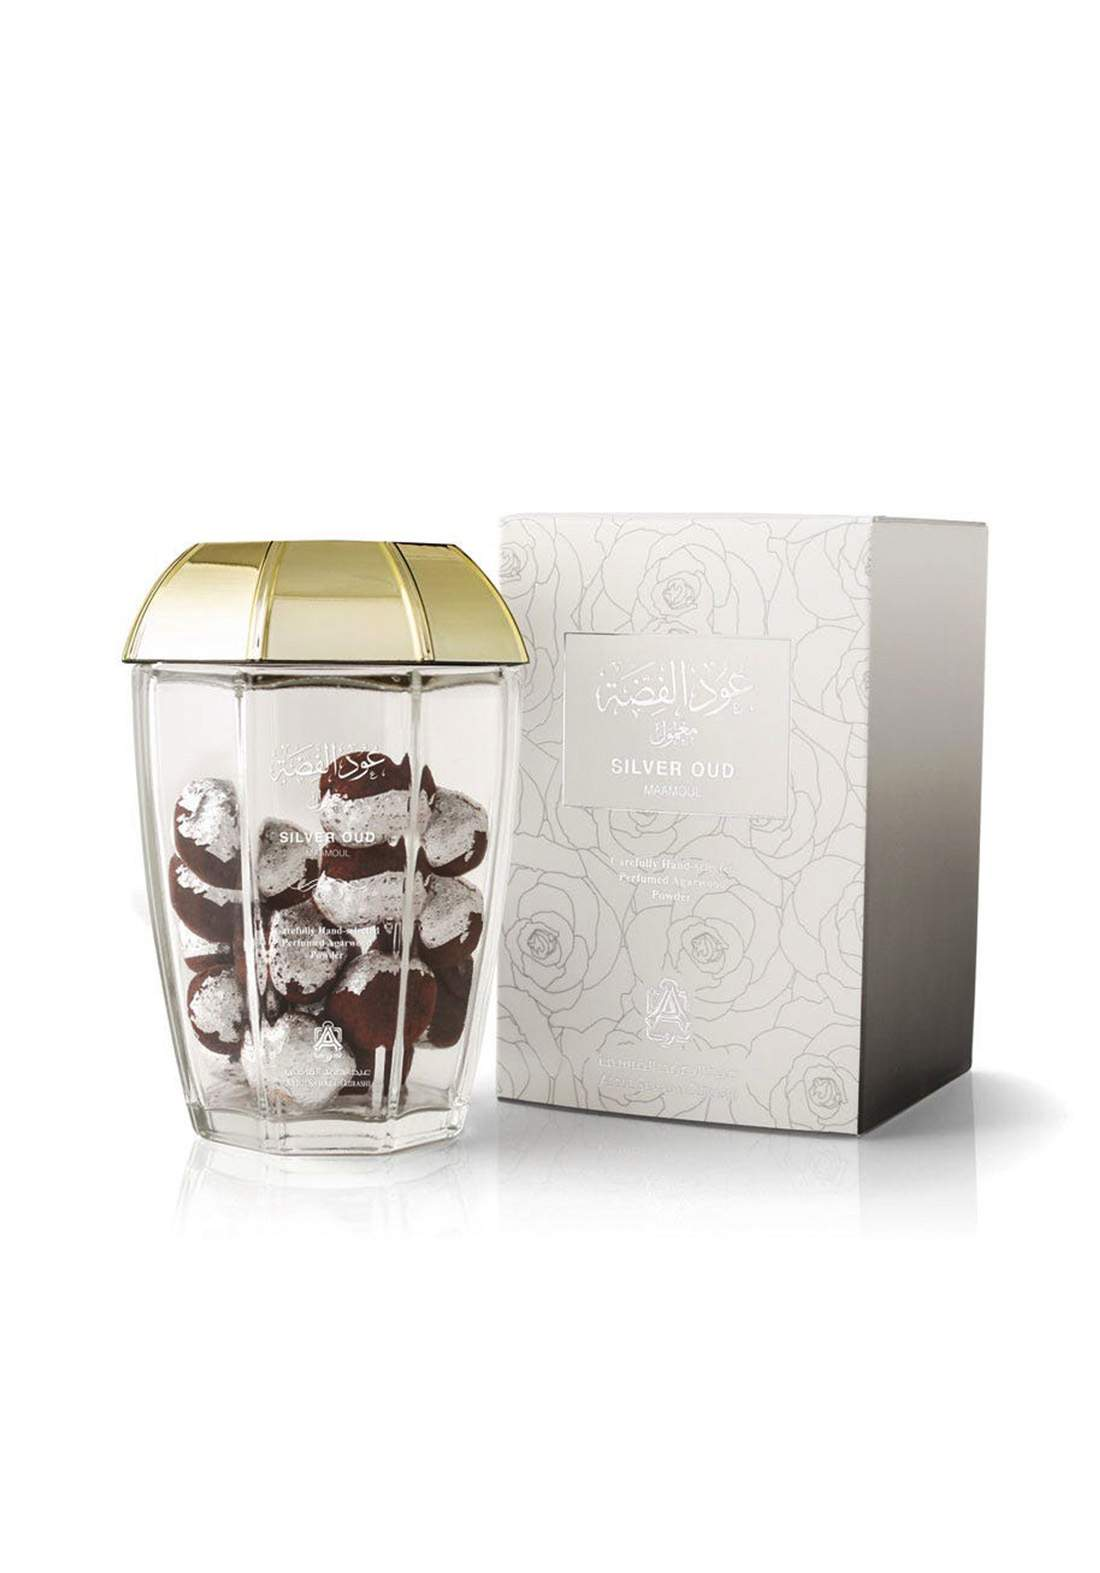 Abdul Samad Al Qurashi 74048 Silver Oud Maamoul Perfumed Agarwood Powder معمول عود الفضة